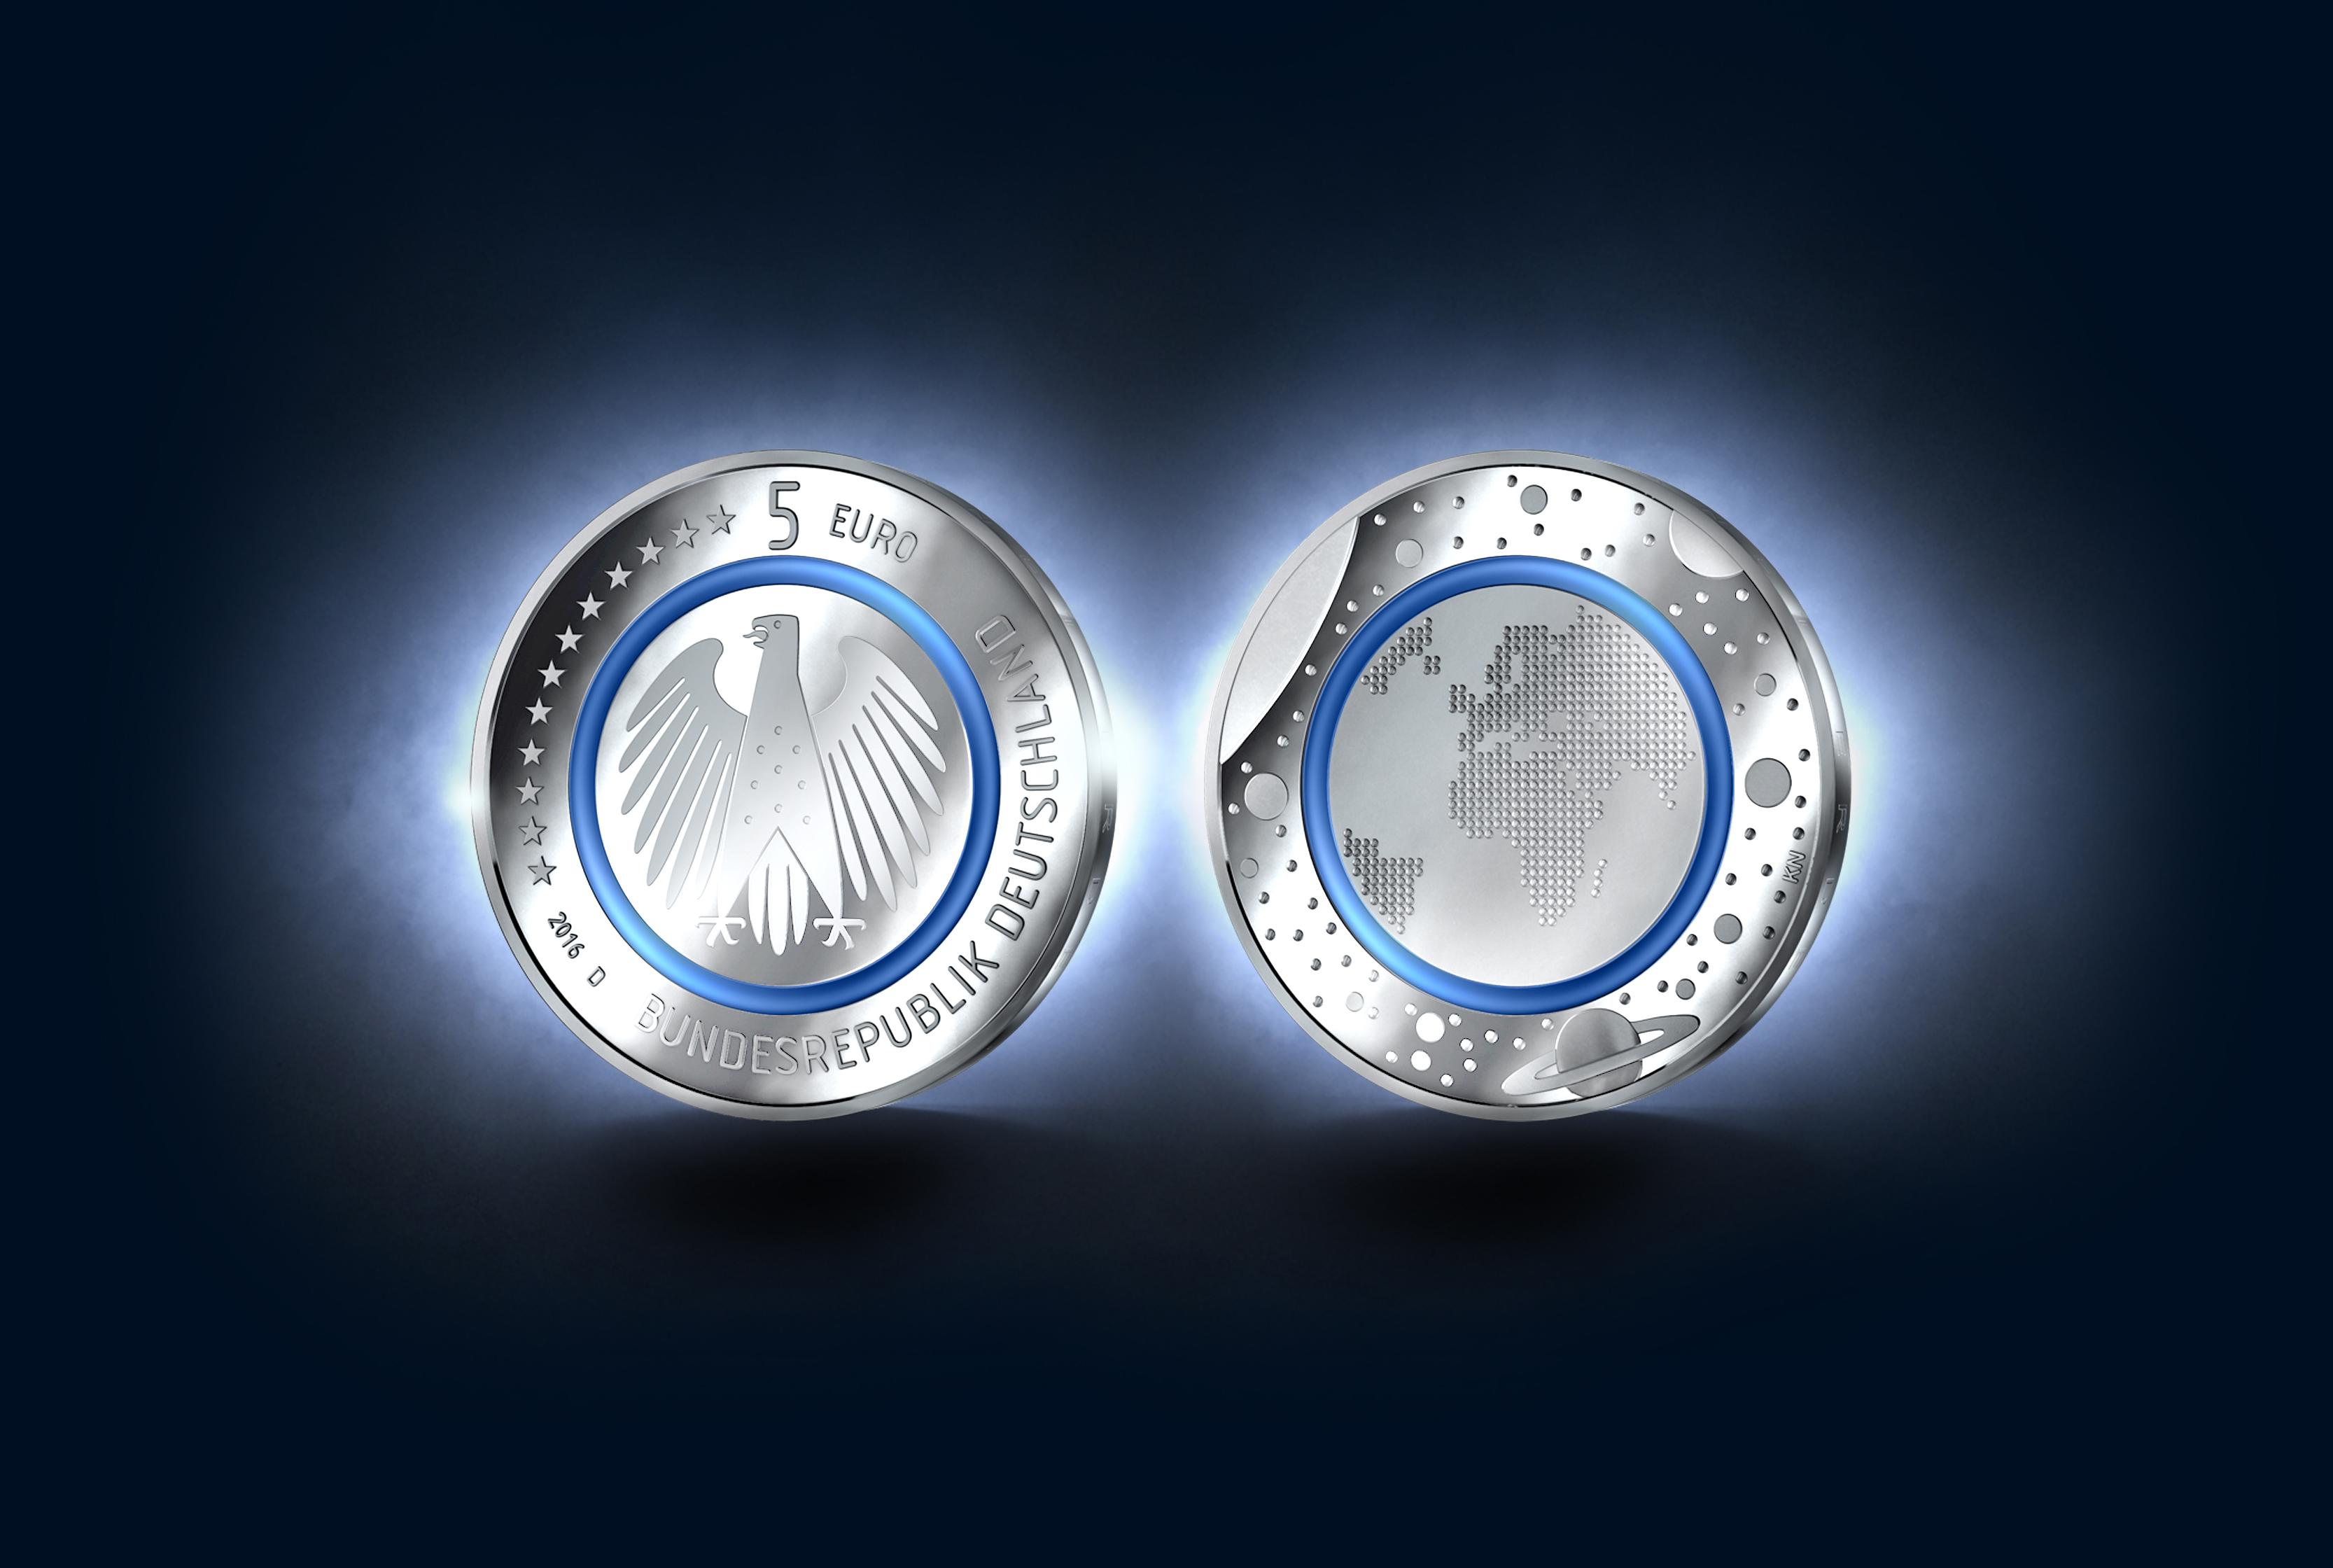 Erstmalig 5 Euro Münze Ausgegeben